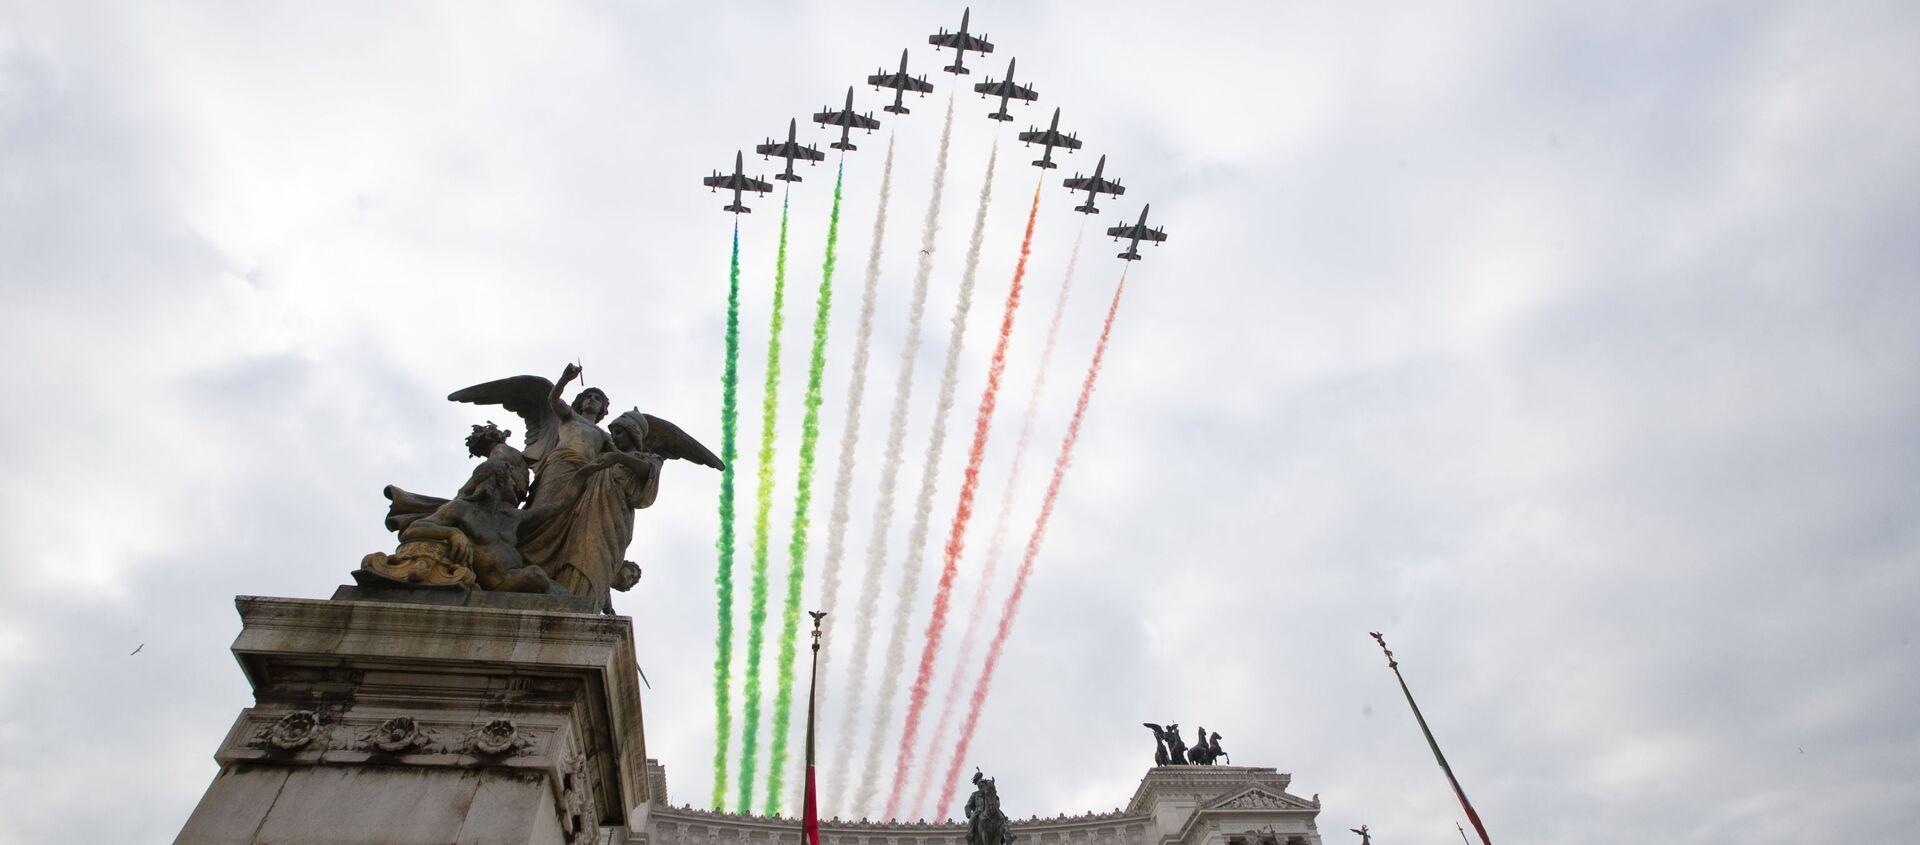 Пилотажная группа итальянских ВВС Frecce Tricolori над памятником Неизвестному солдату в Риме - Sputnik Italia, 1920, 25.04.2021